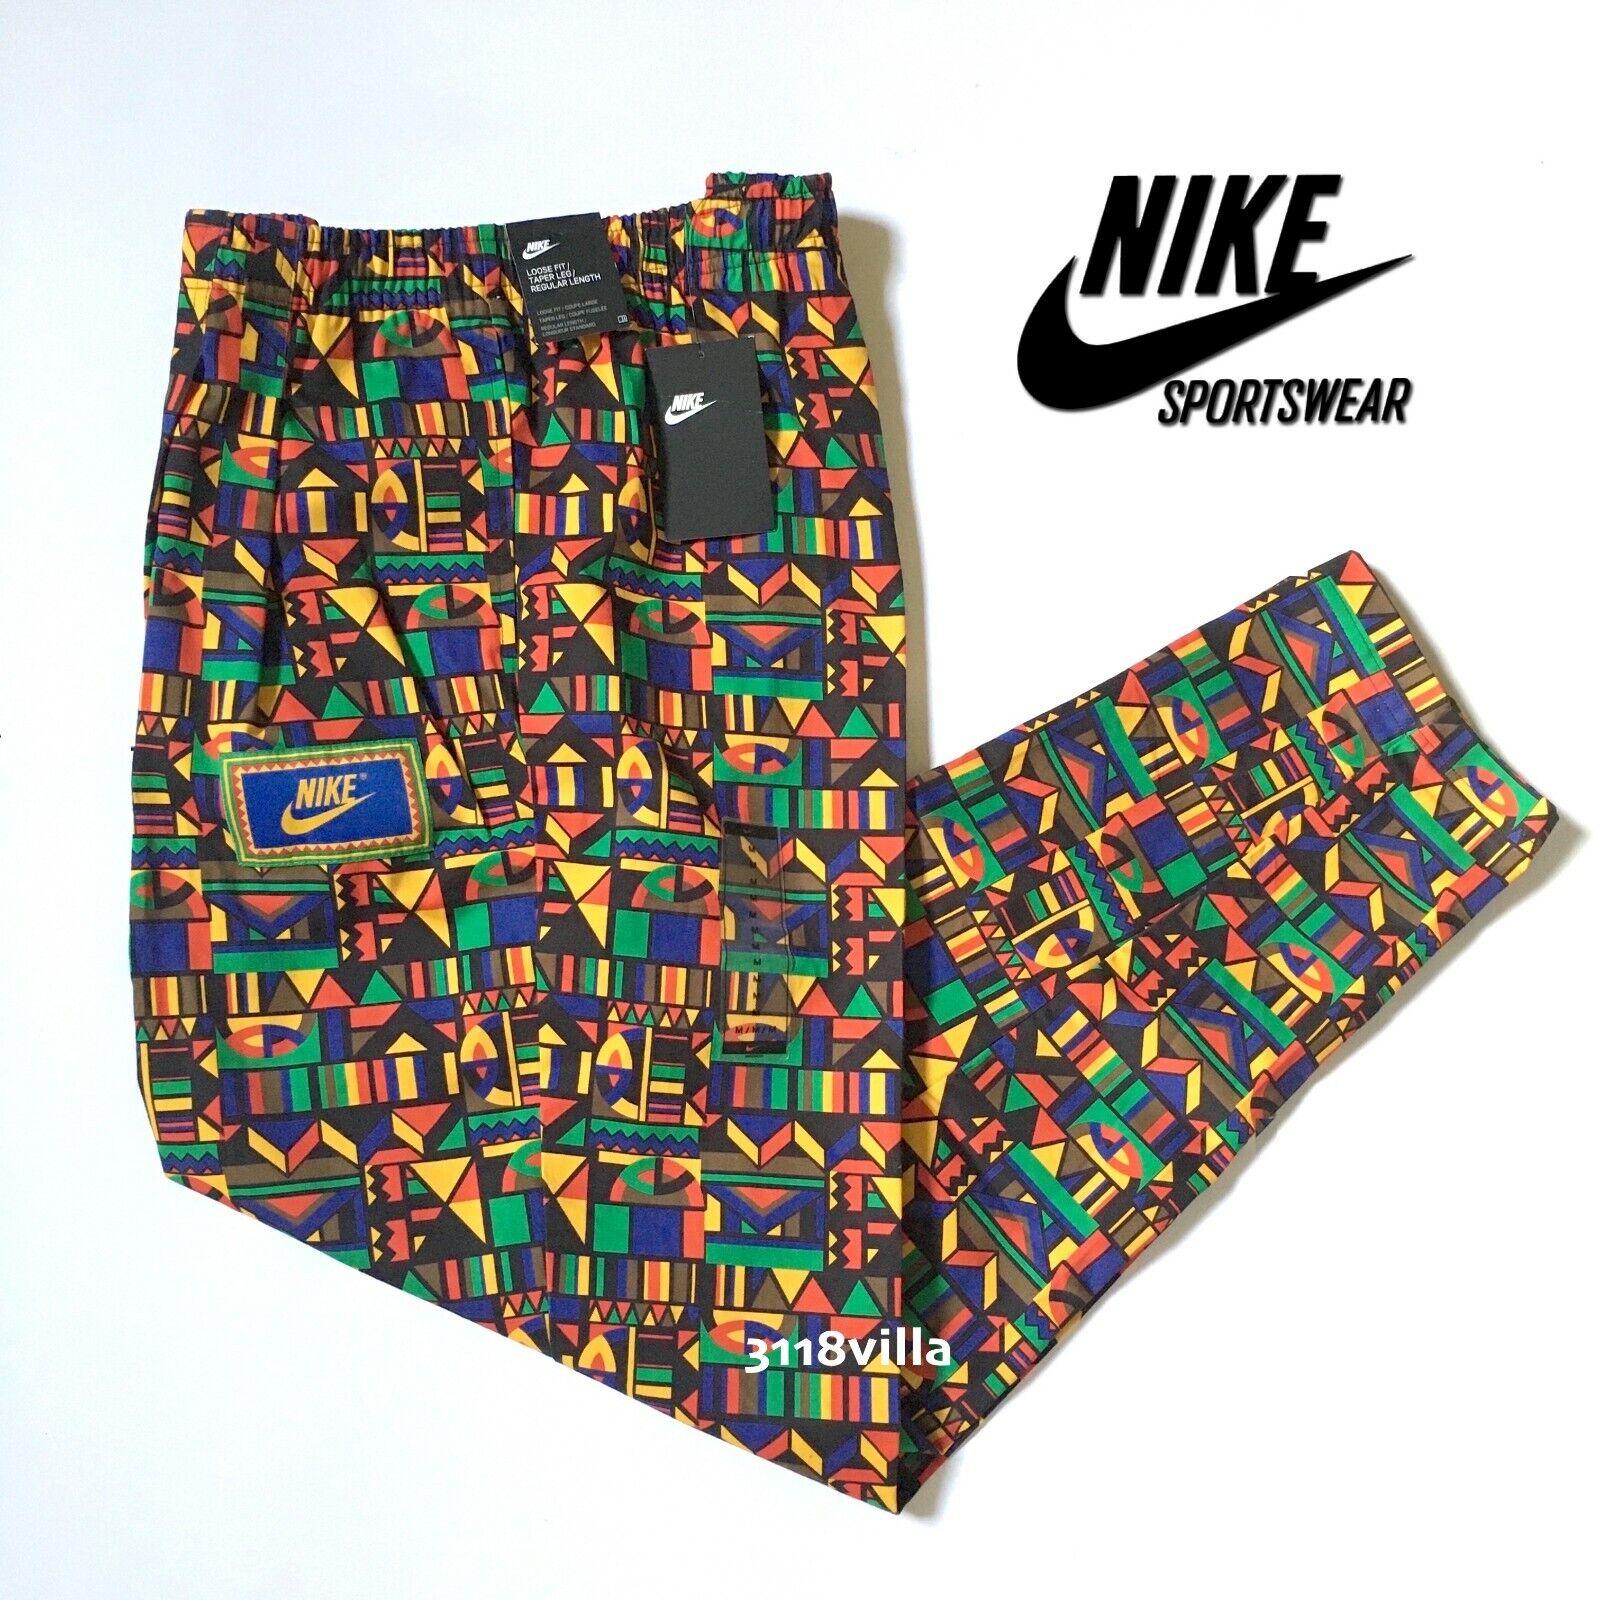 Nike Sportswear Men's Woven Reissue 90's Pants CW2575 Multicolor Size M L XL